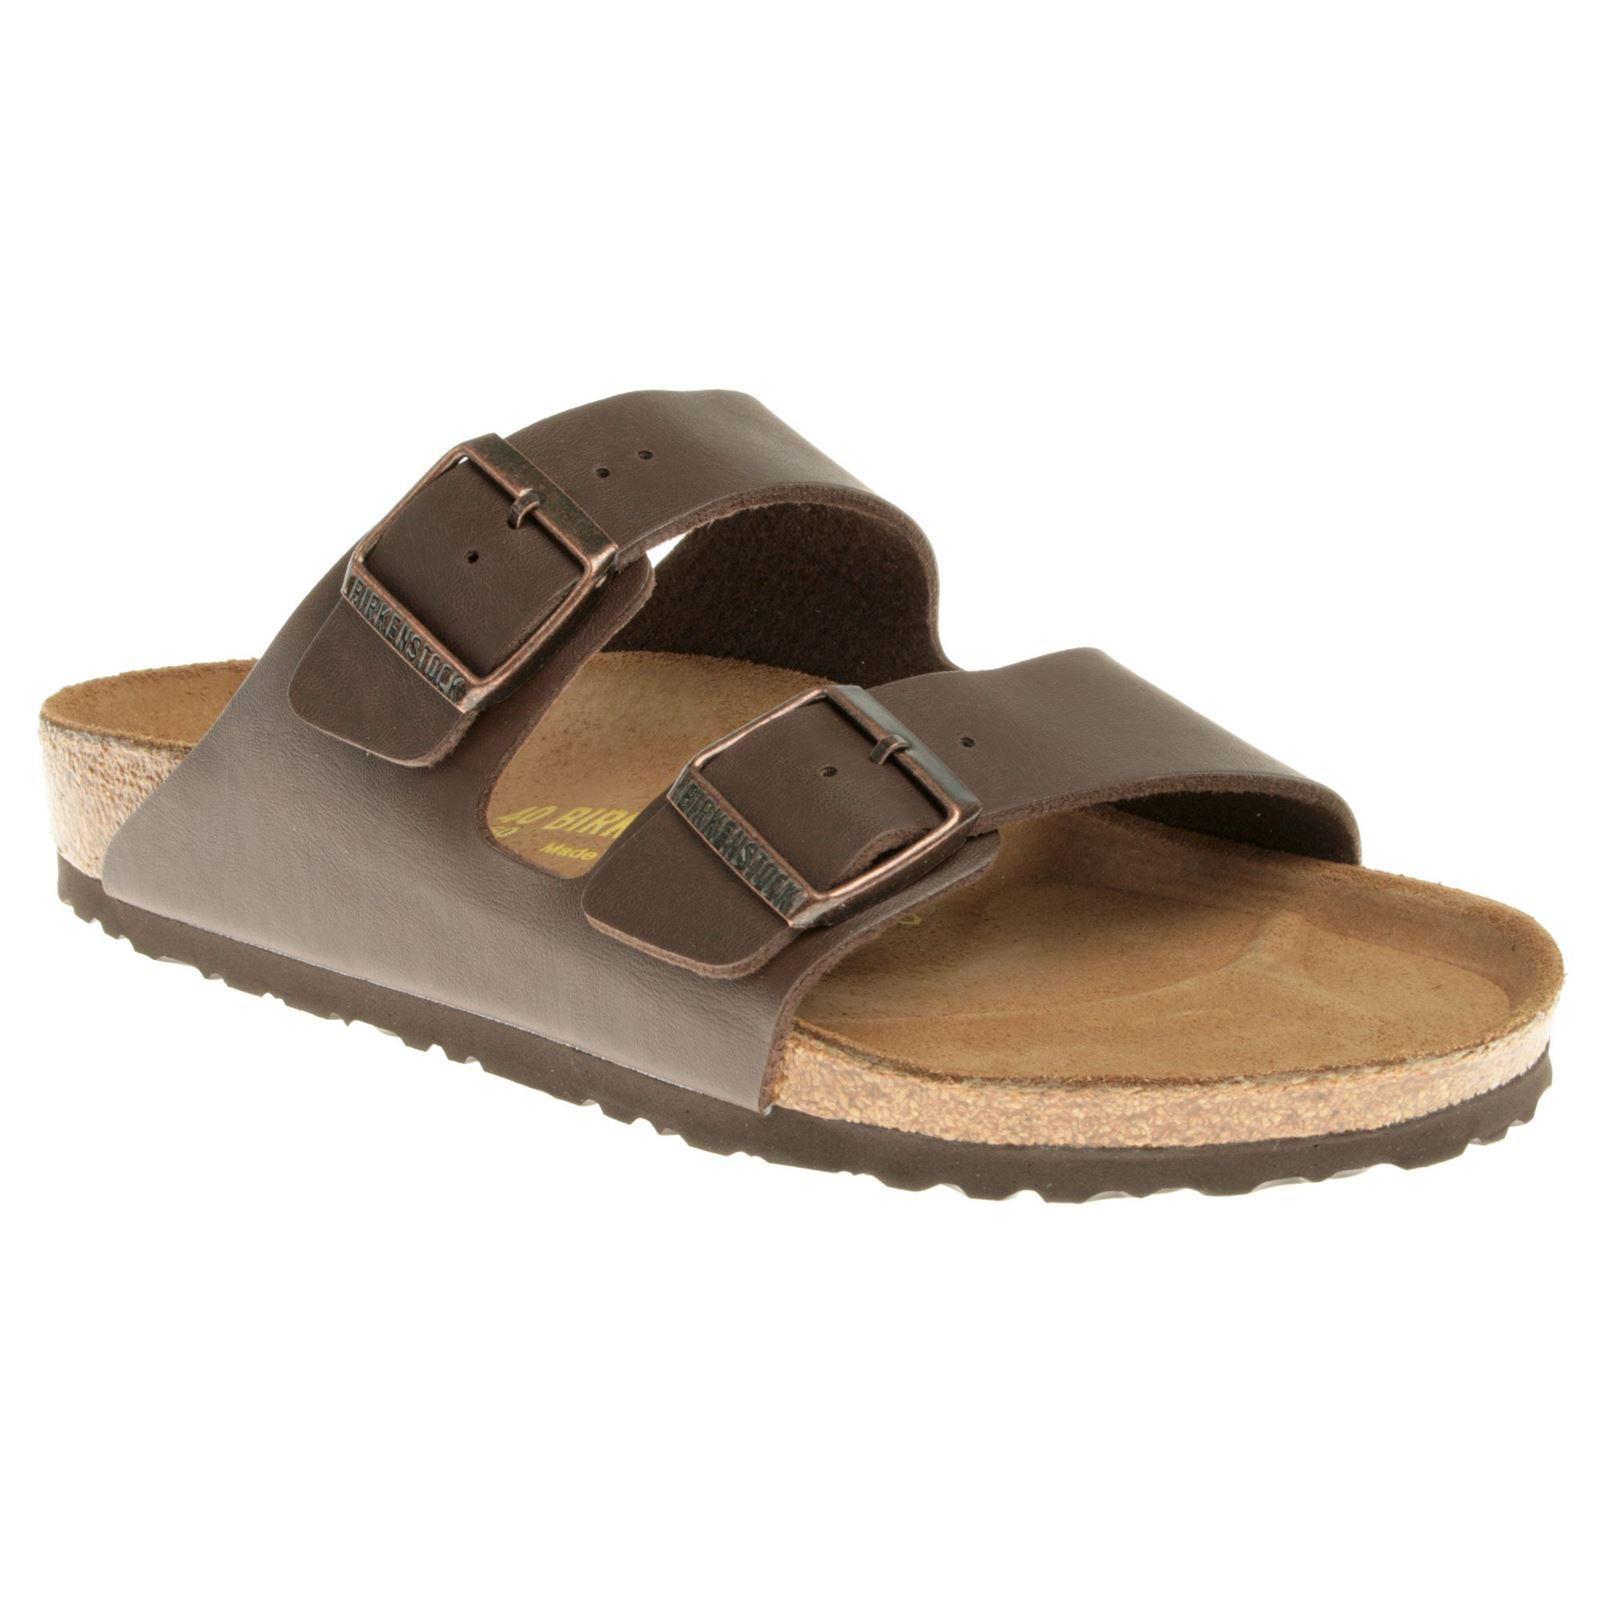 Birkenstock Dark Arizona Dark Birkenstock Brown Synthetic Womens Sandals d0d4bc